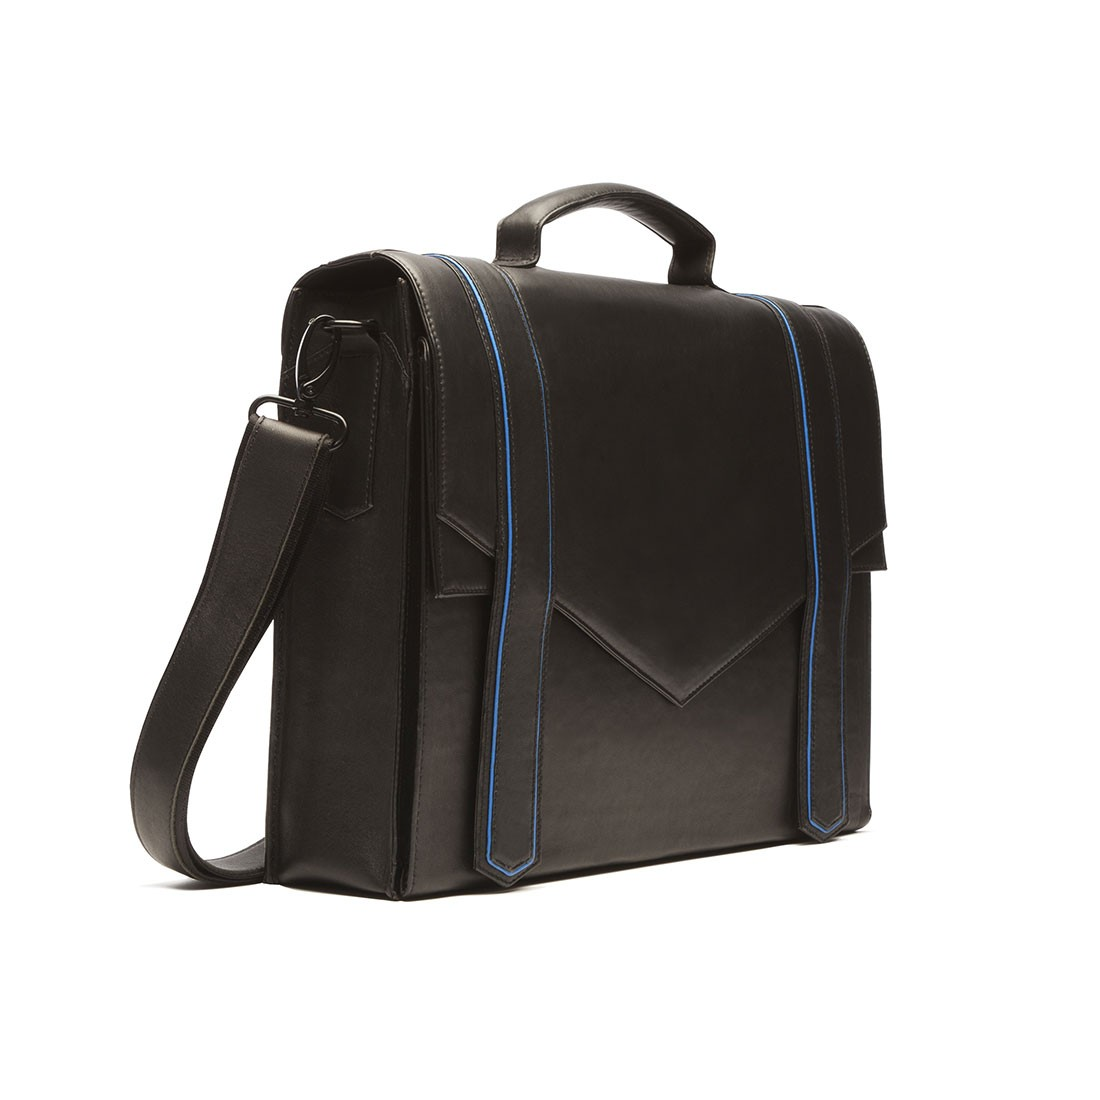 Sac A Main Cartable Cuir Noir : Sac cartable en cuir noir carokhoto sacs ? main les